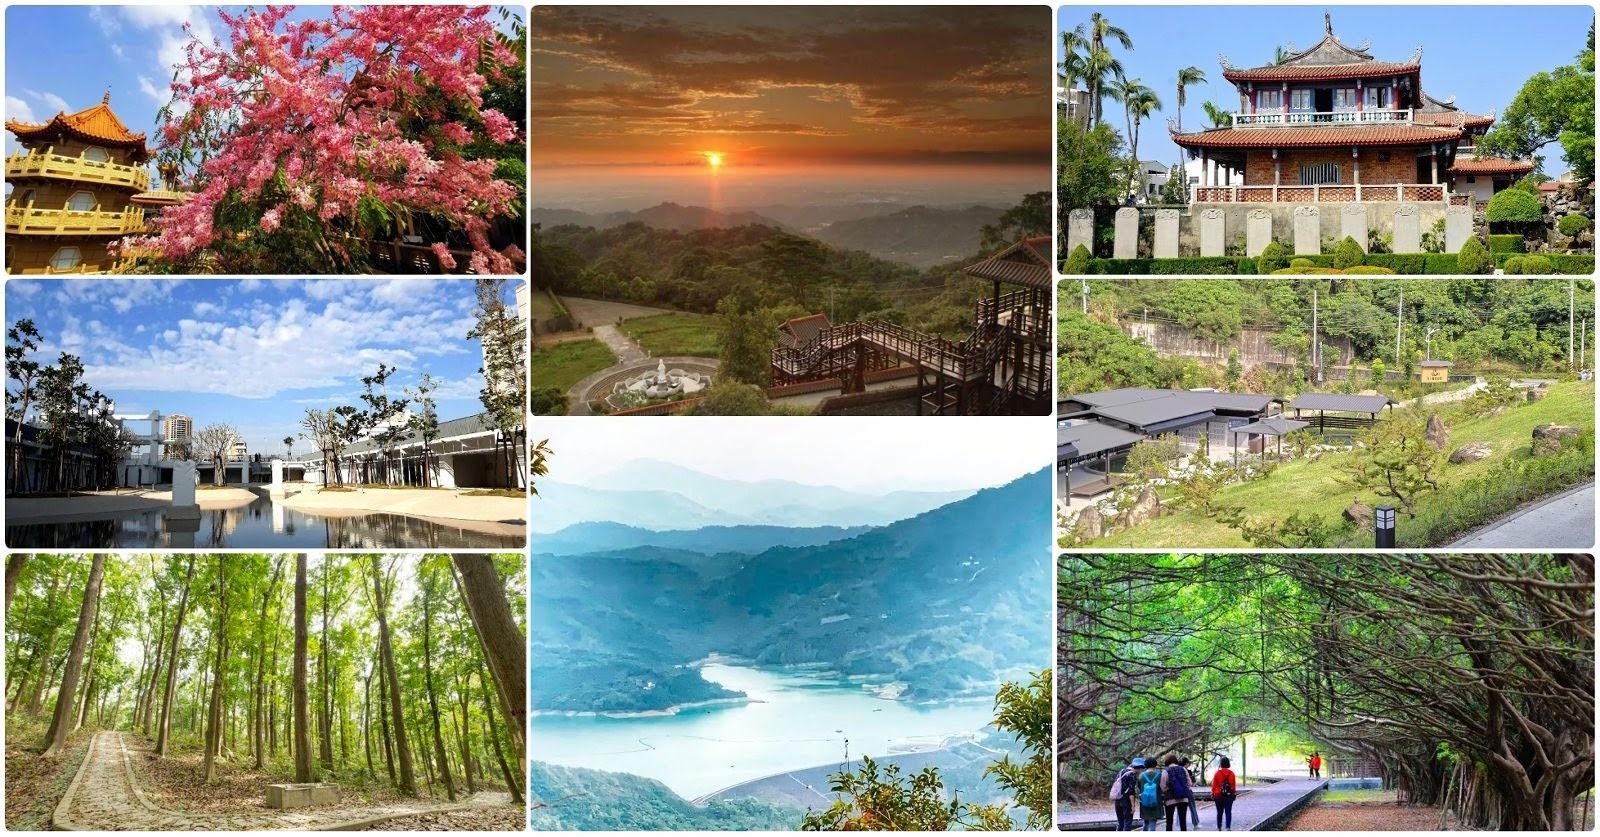 [活動] 2020 4/2-/4/5 台南清明兒童連假週末活動整理|本週末活動數:48